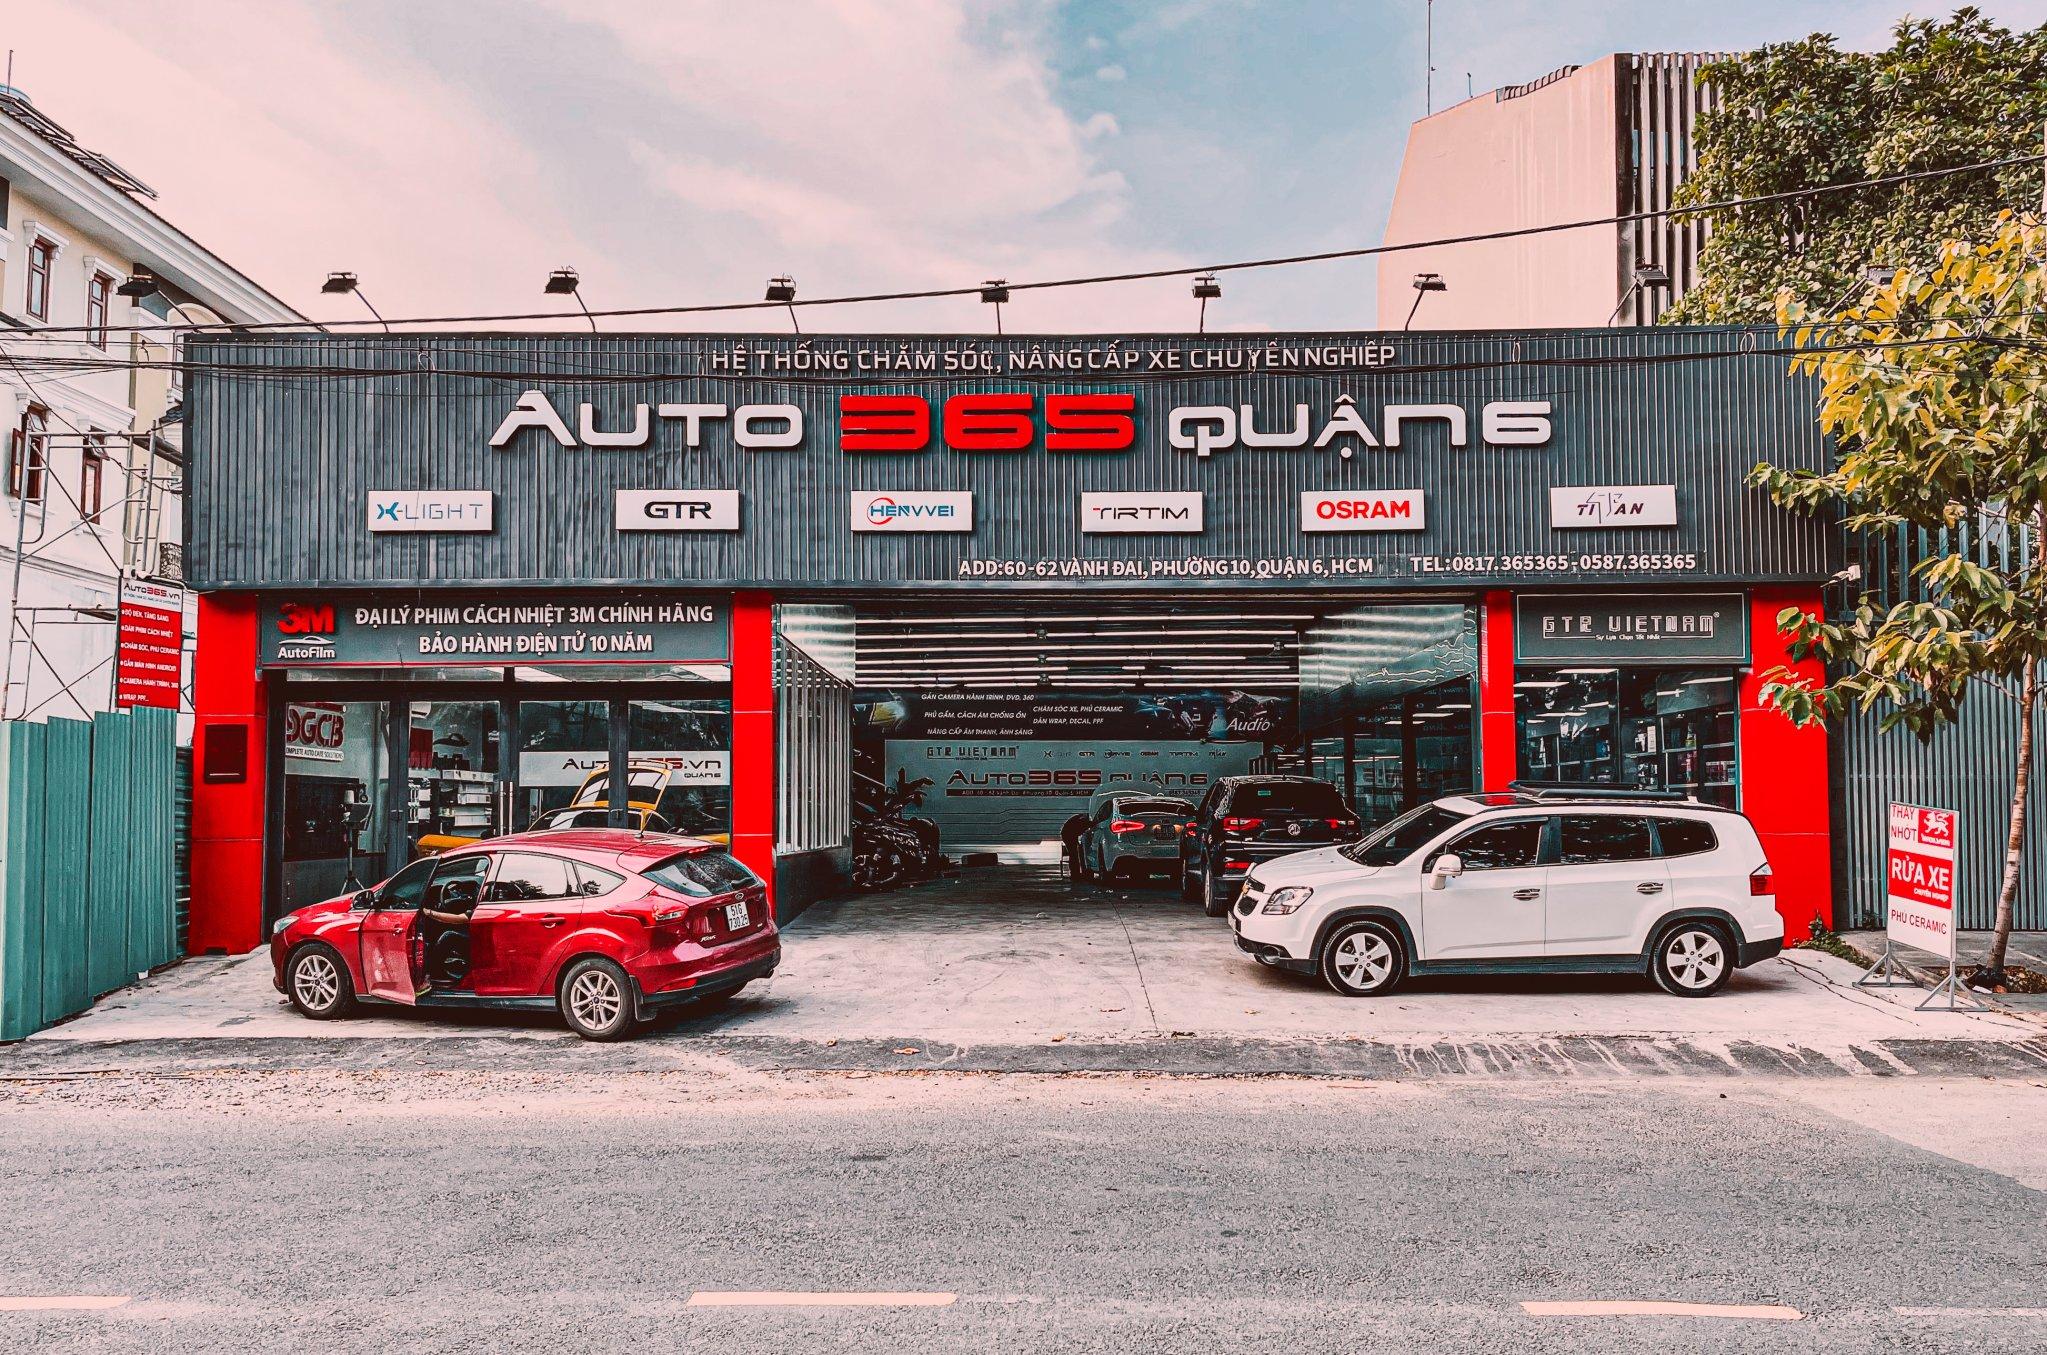 Auto 365 Quận 6